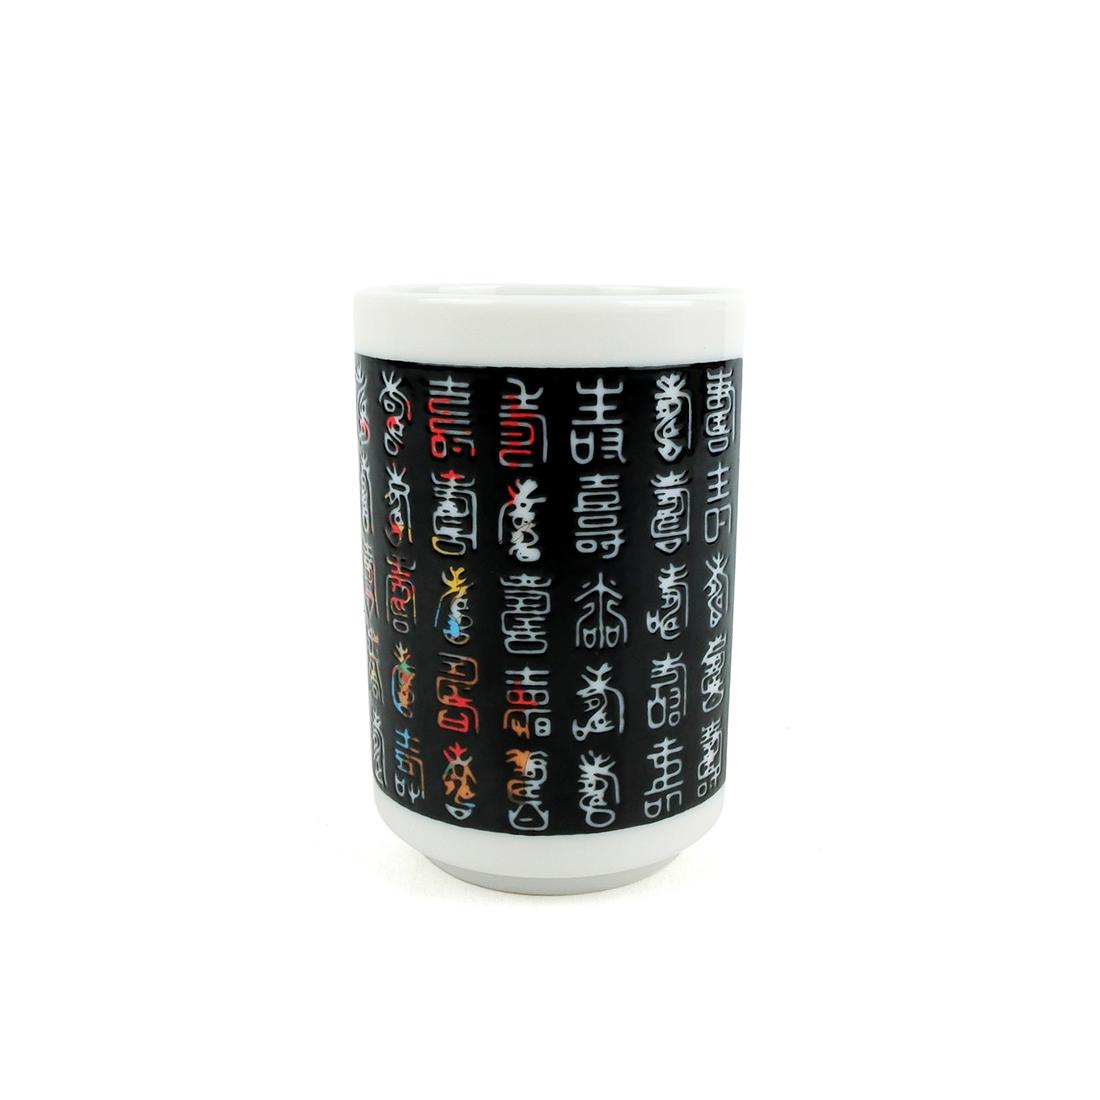 Chung Trà Sứ Chữ Đổi Hình Thất Phúc Thần - Nhật - 6 x 7 cm - 232218